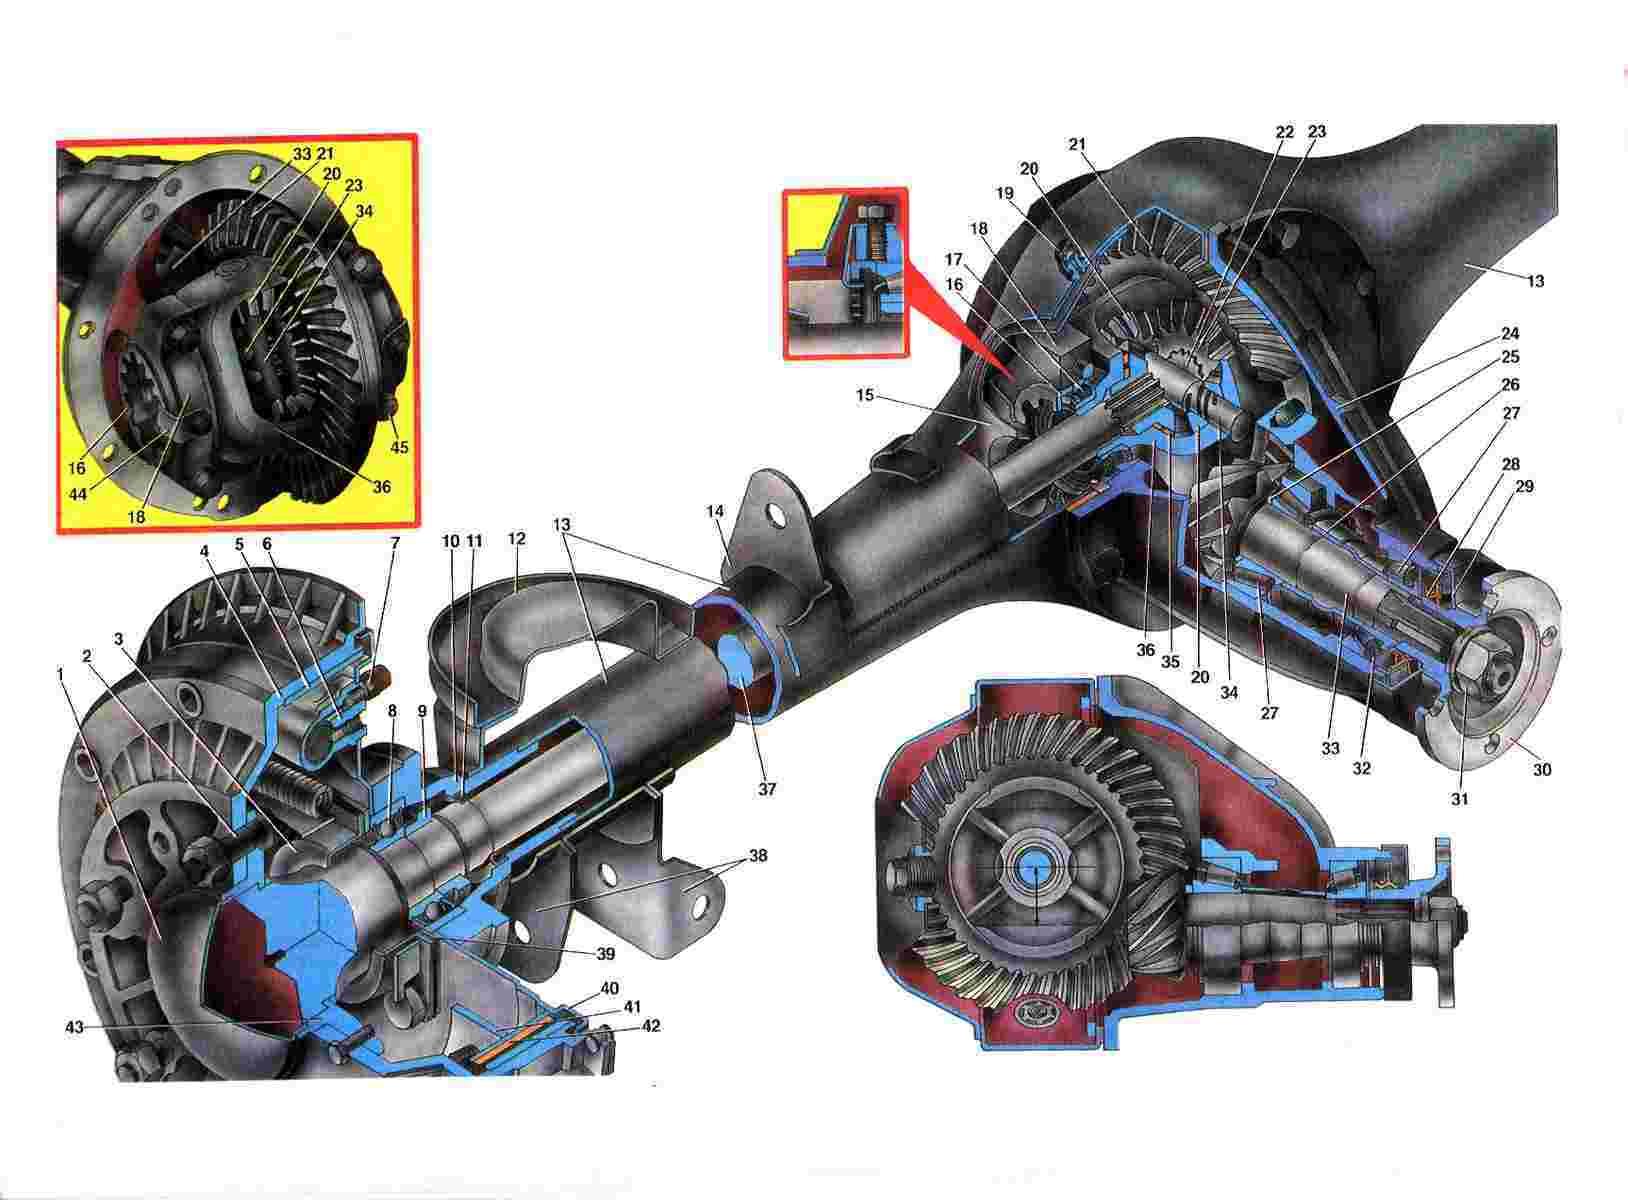 11. Ходовая часть, кузов и кабина Ходовая часть это тележка, на которой установлены все элементы конструкции...